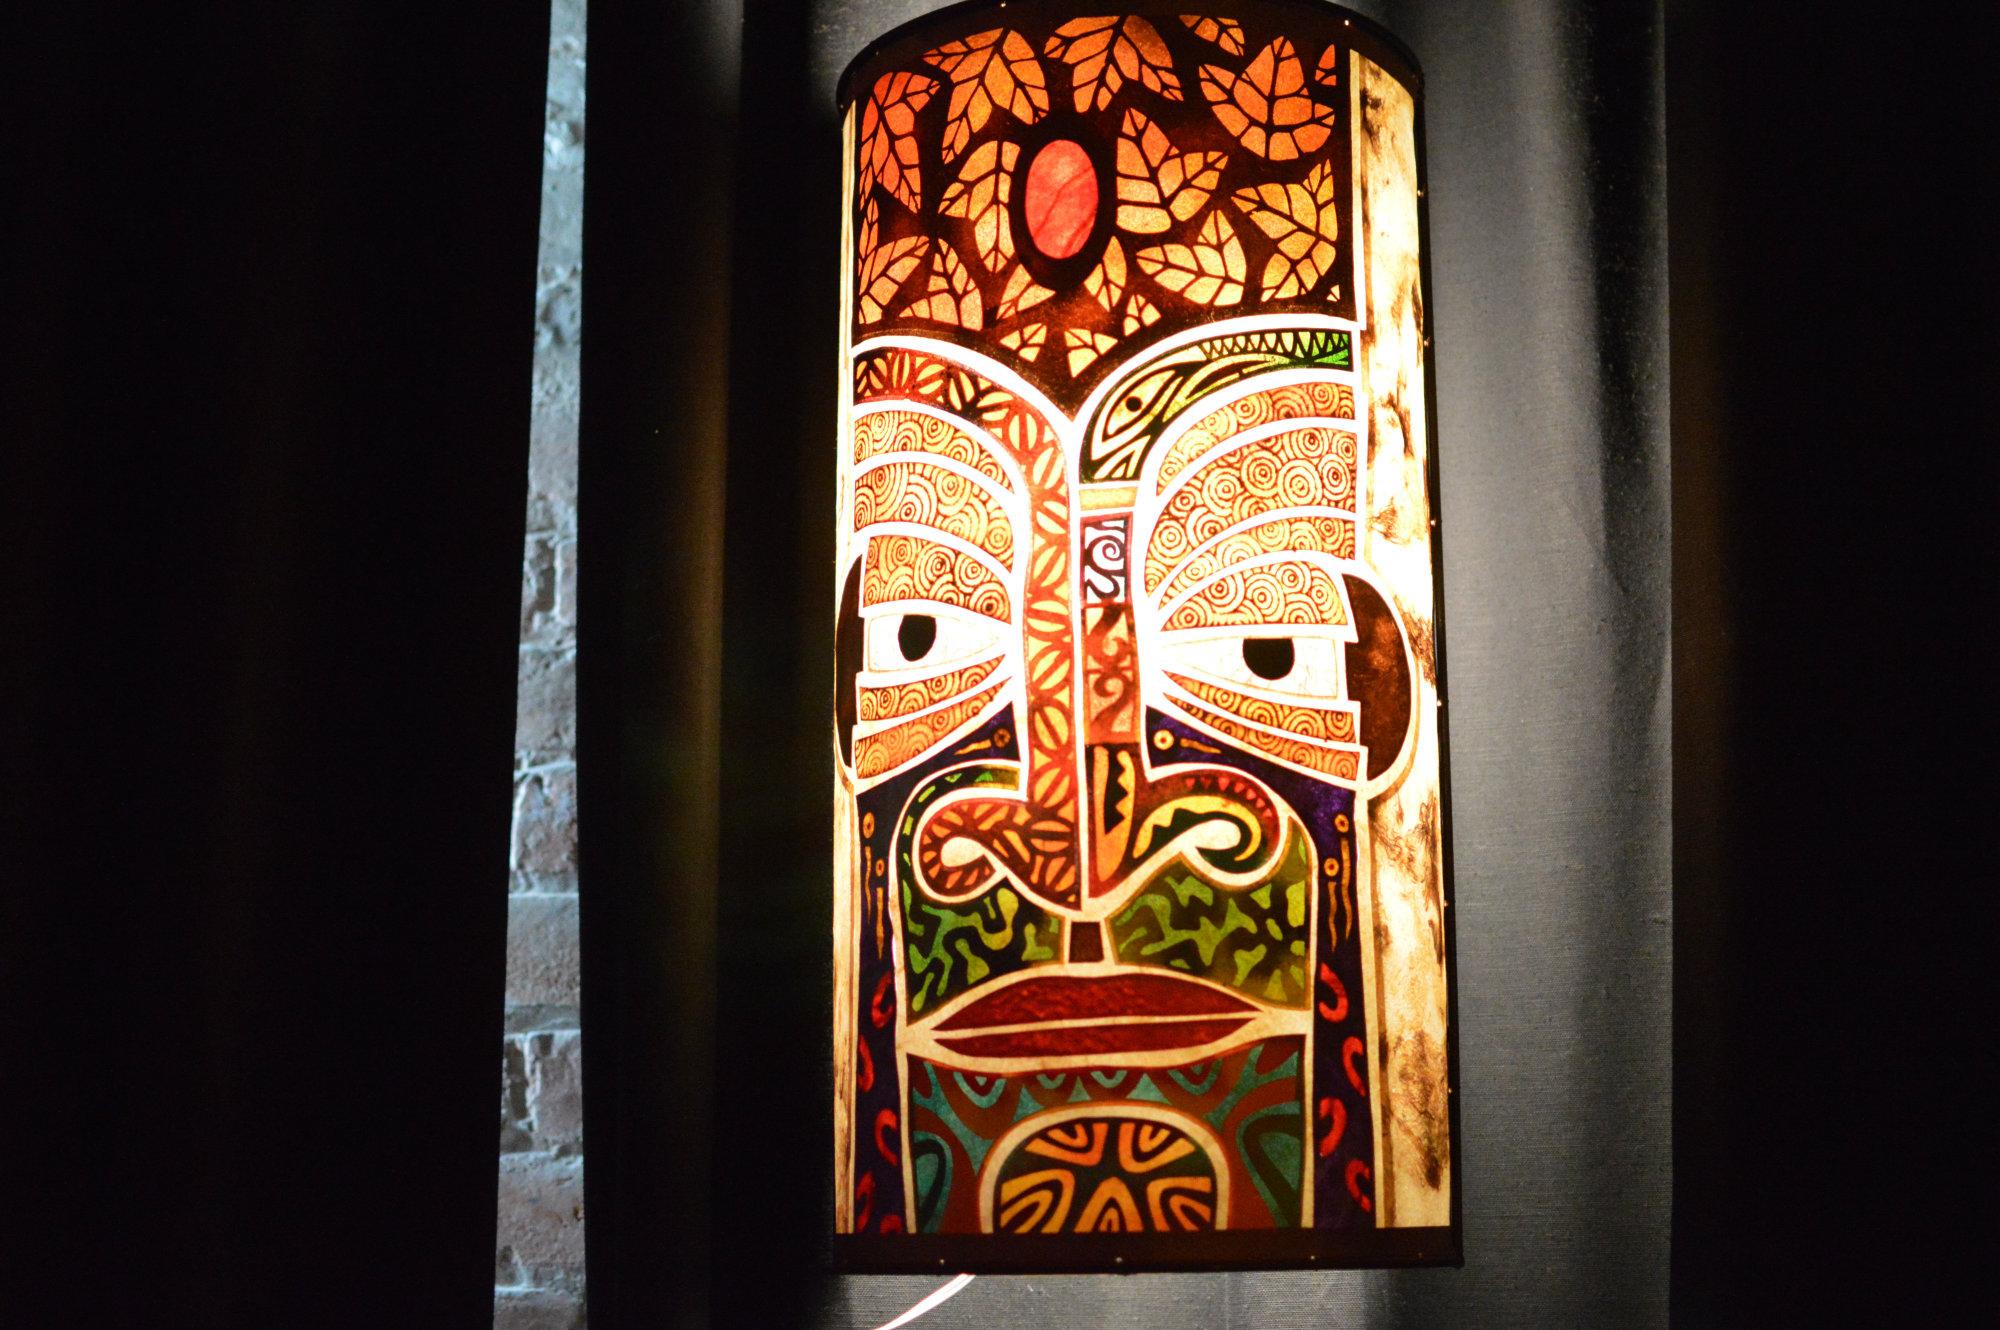 Tiki head lamp at Tiki Tolteca. (Photo: Nora McGunnigle)